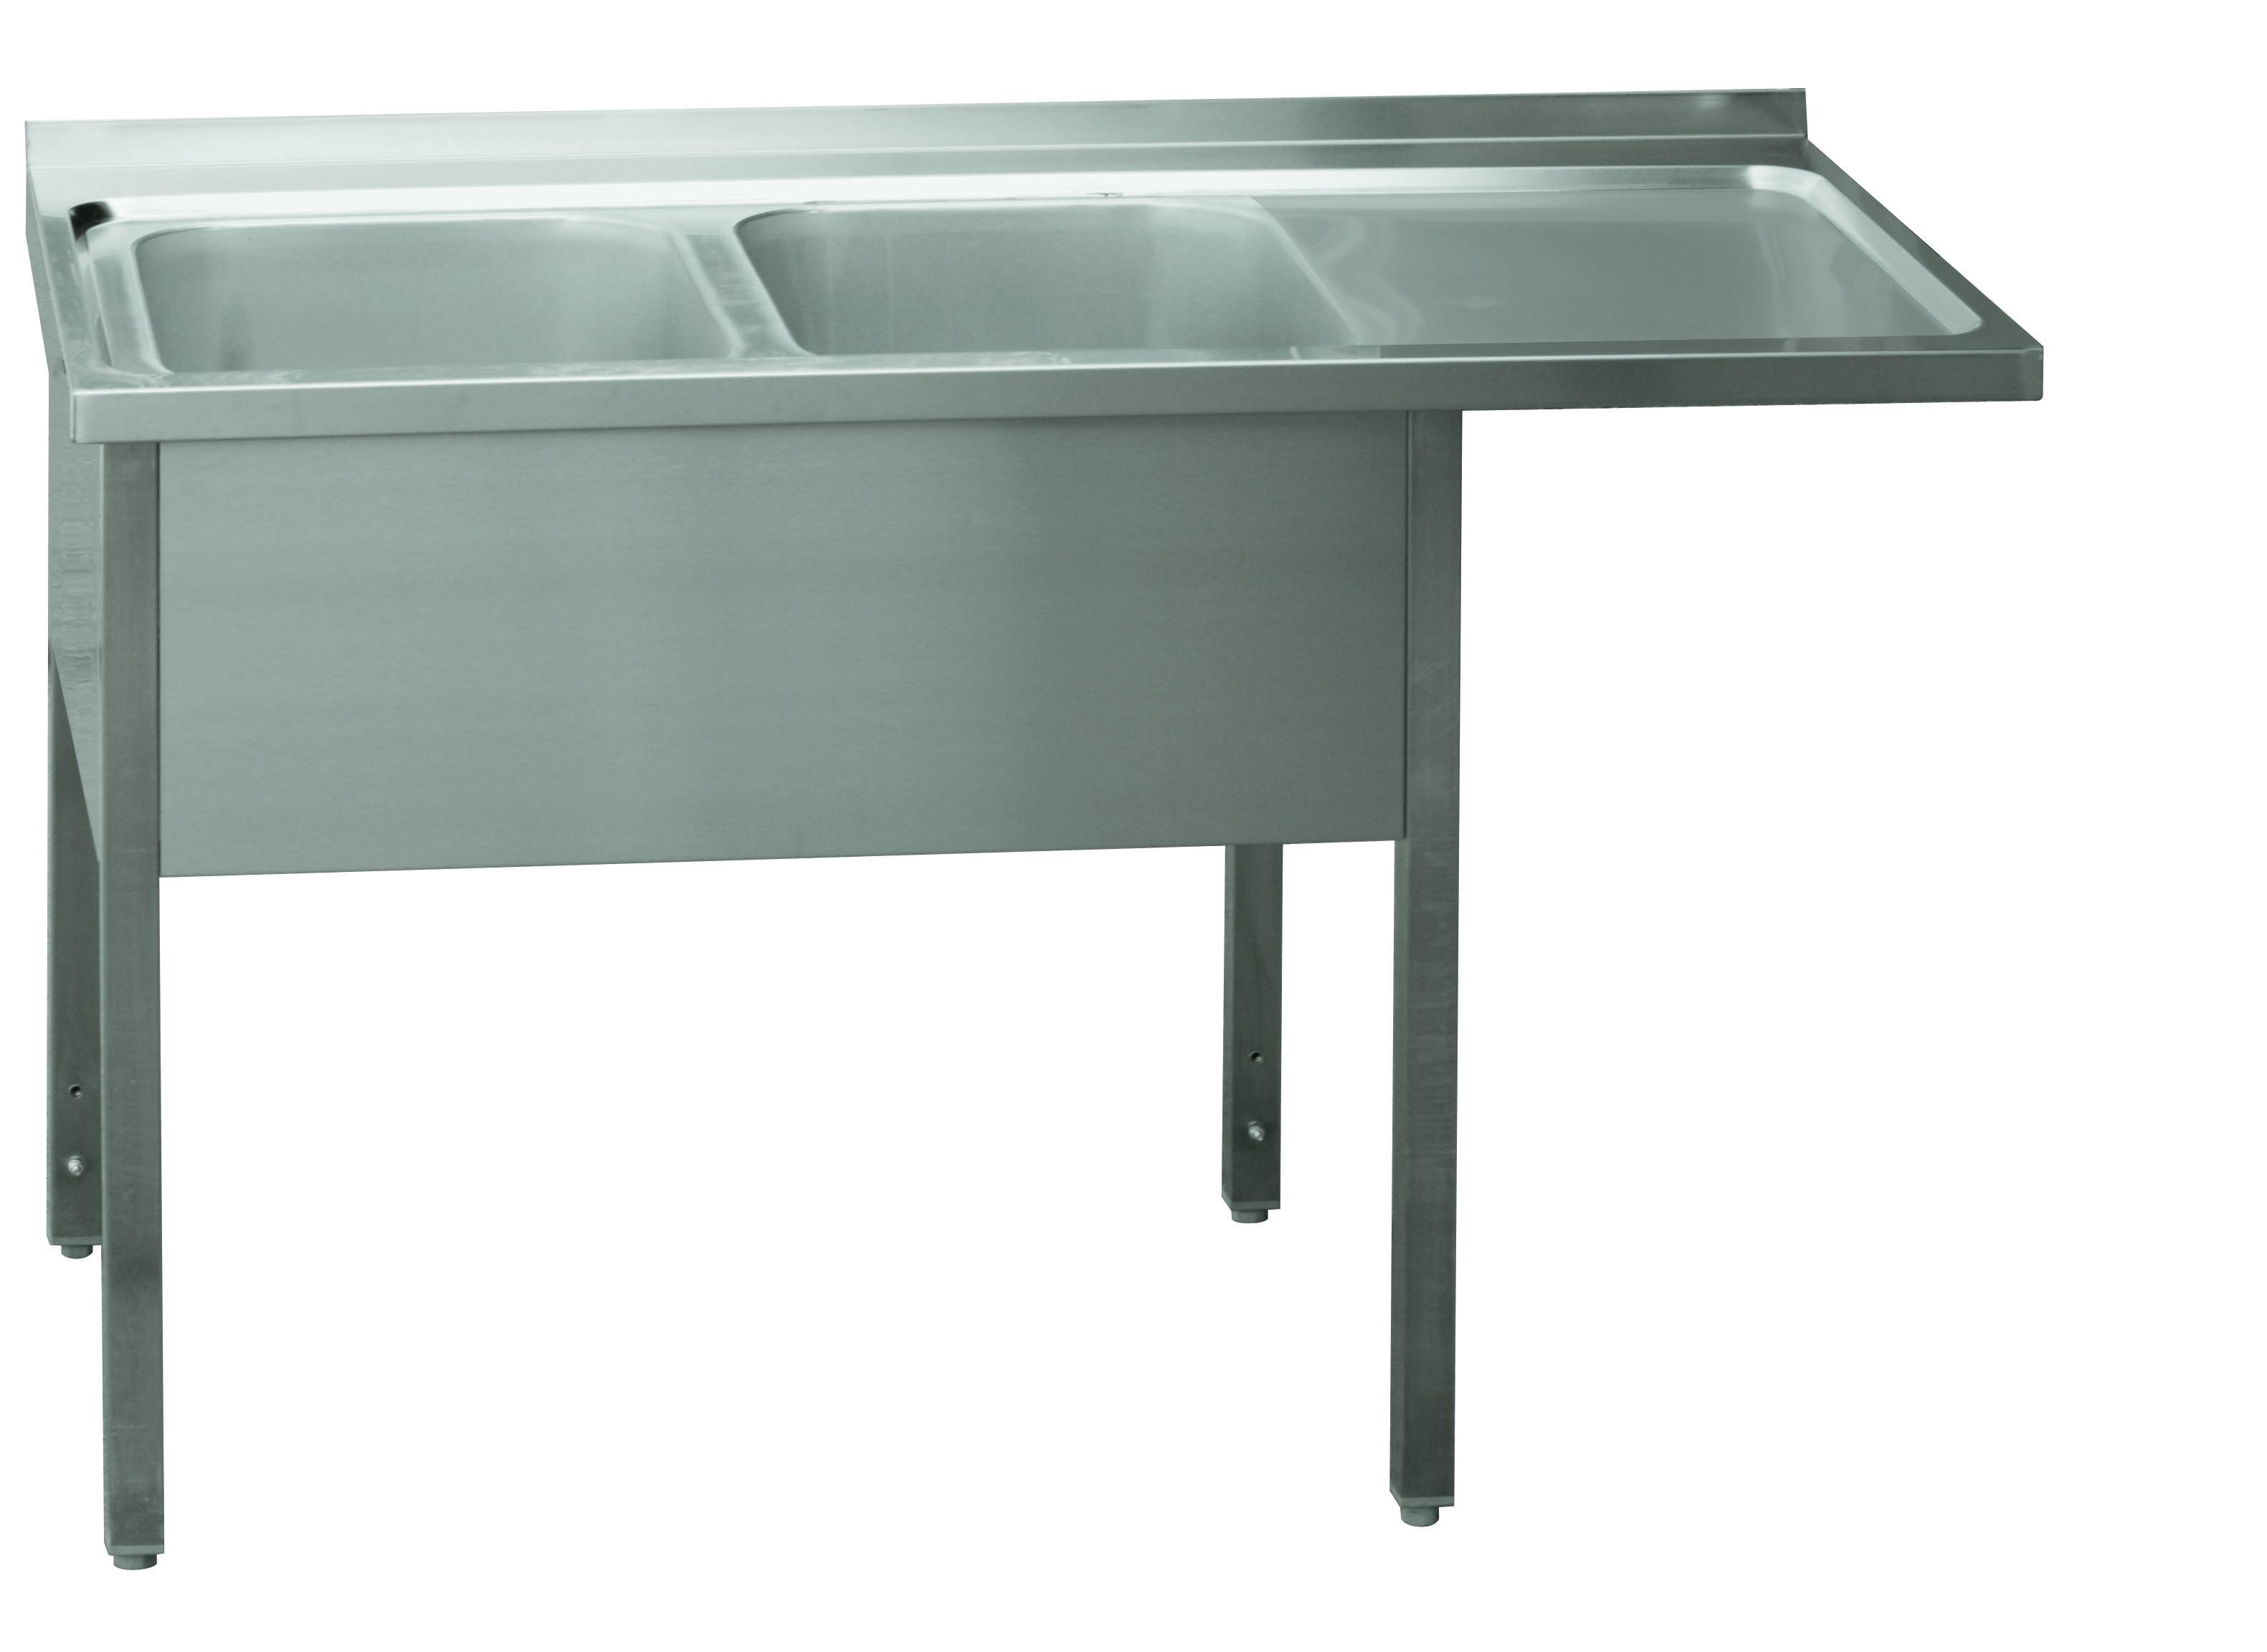 Stůl mycí dvoudřez MSDOP/M 160x70x90 REDFOX